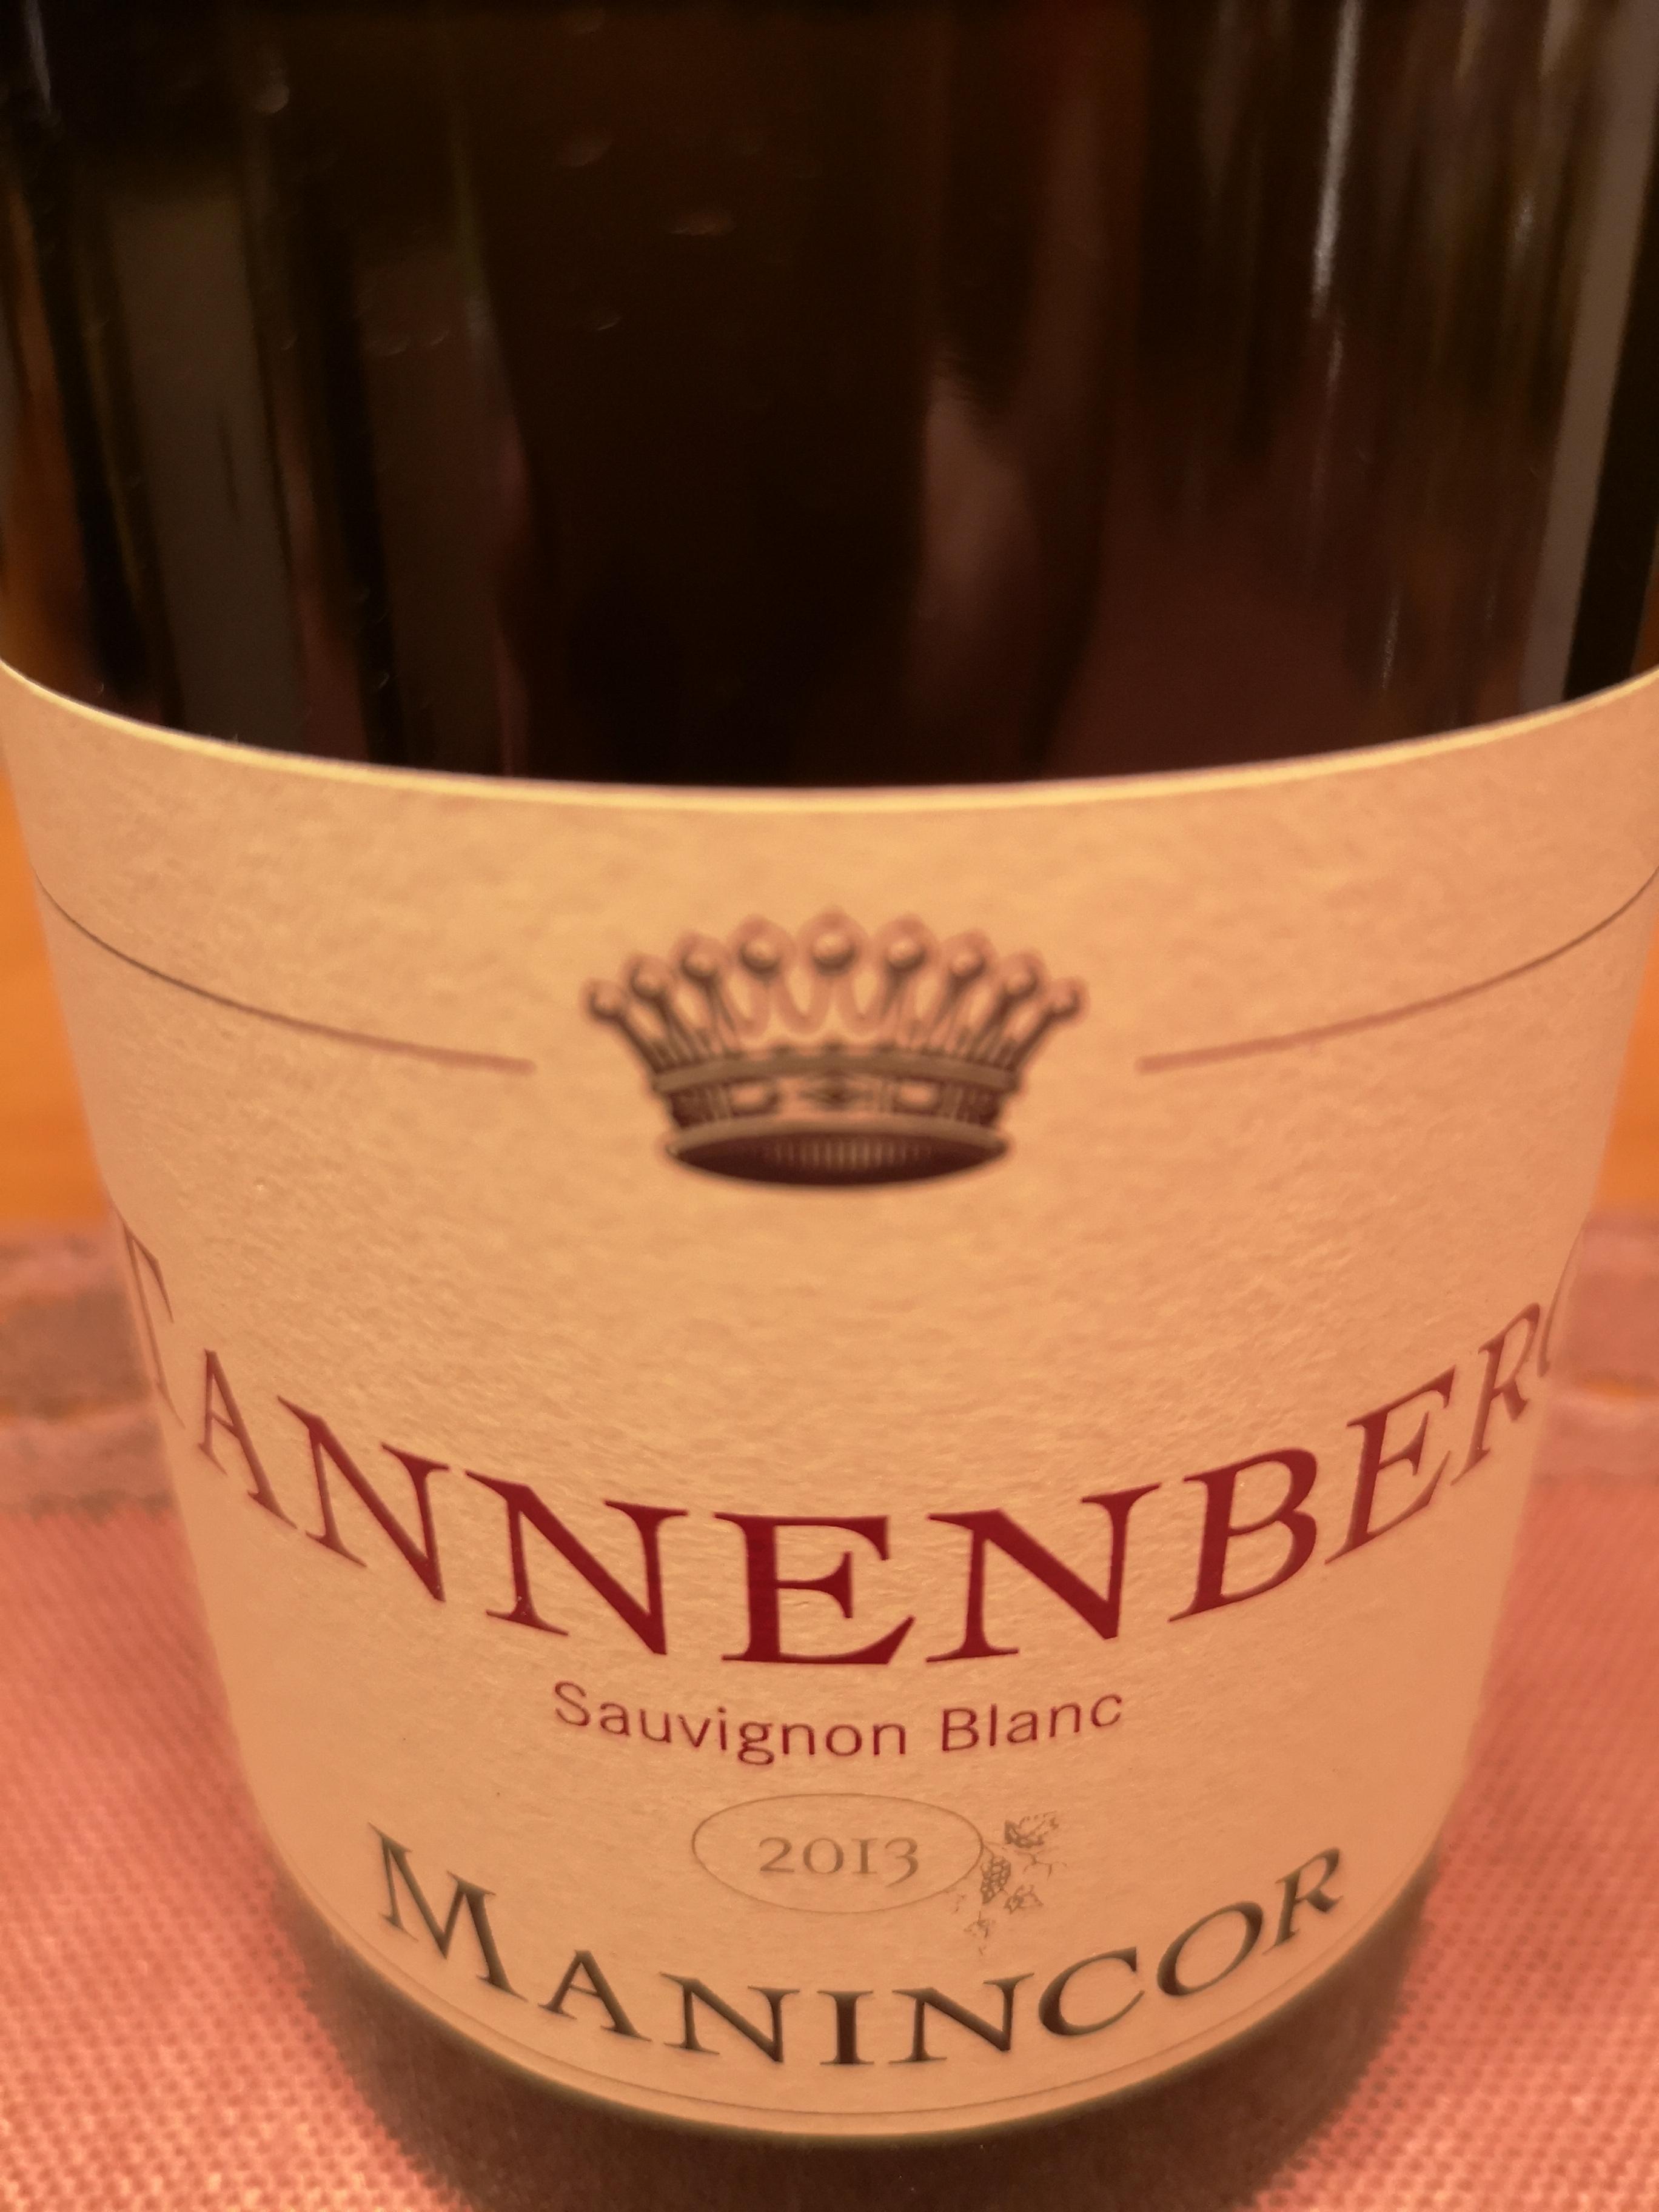 2013 Sauvignon Blanc Tannenberg | Manincor